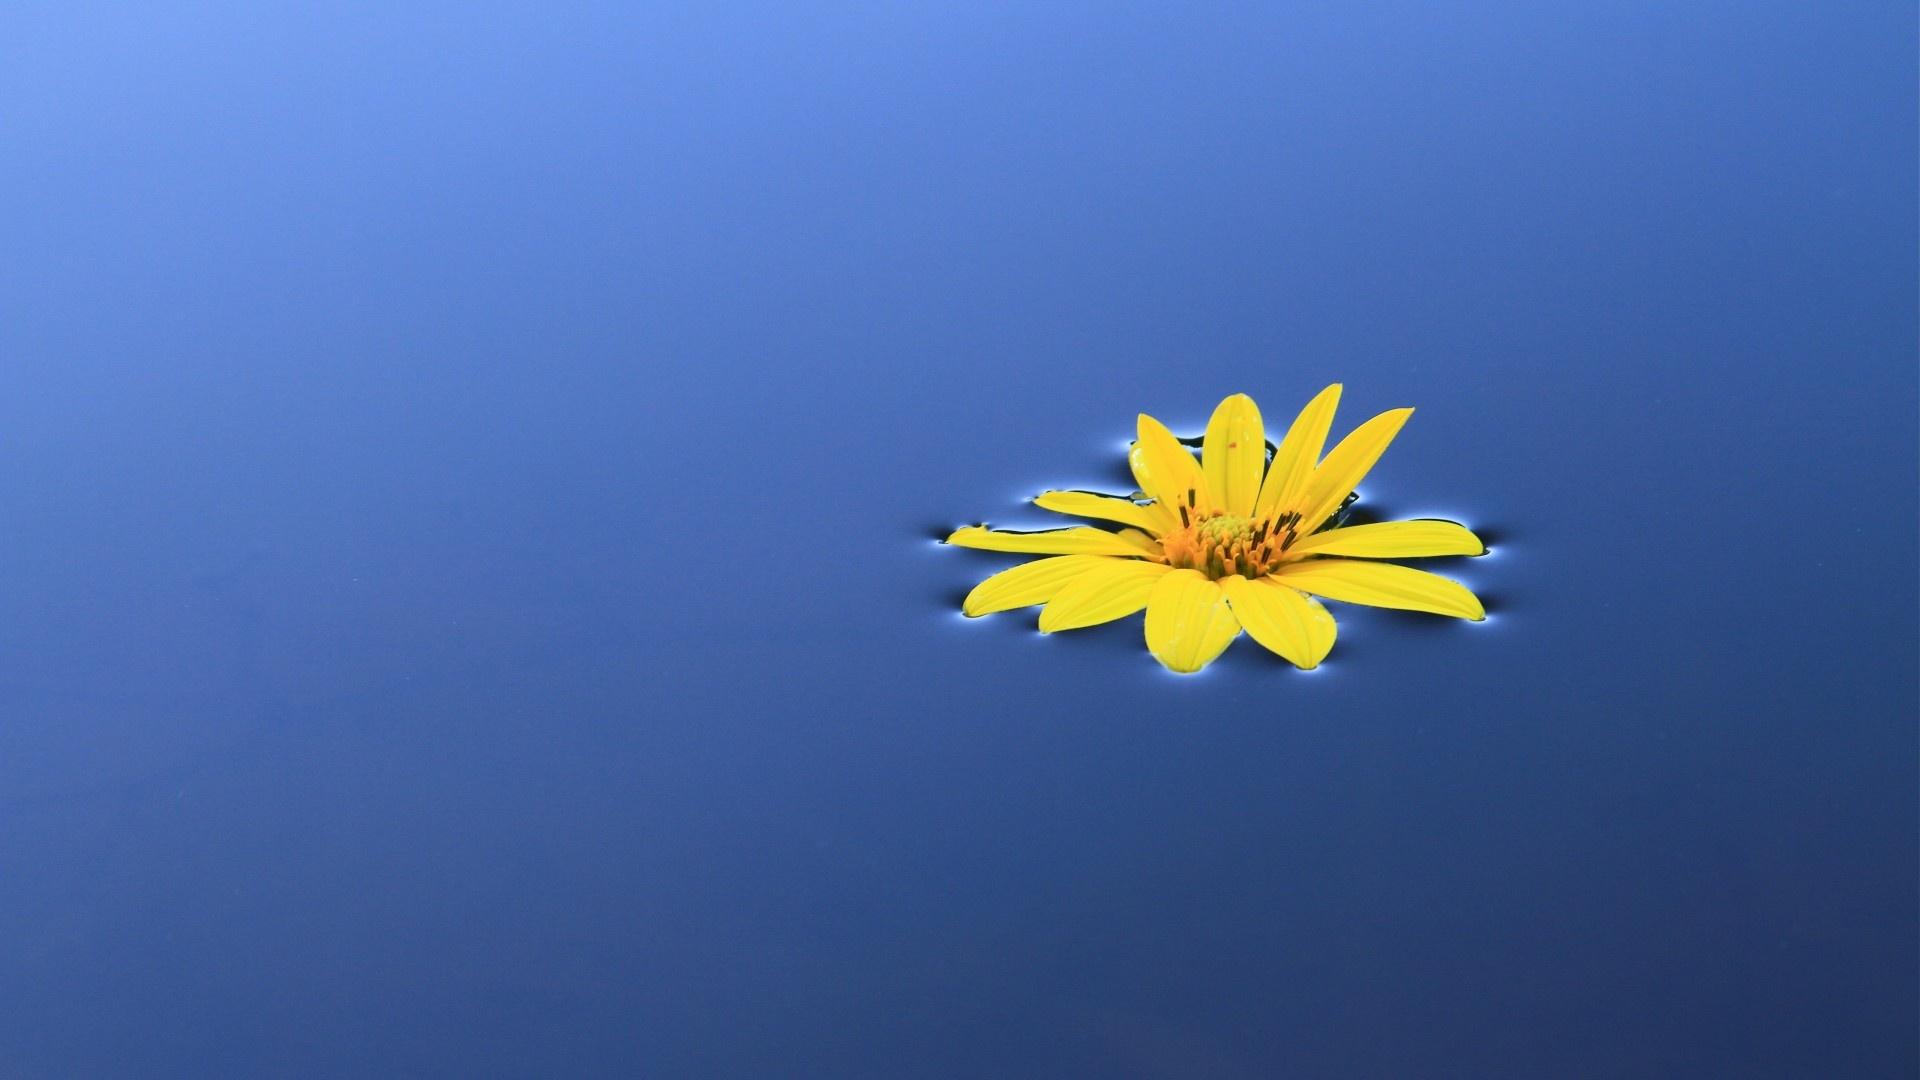 Sunflower best background